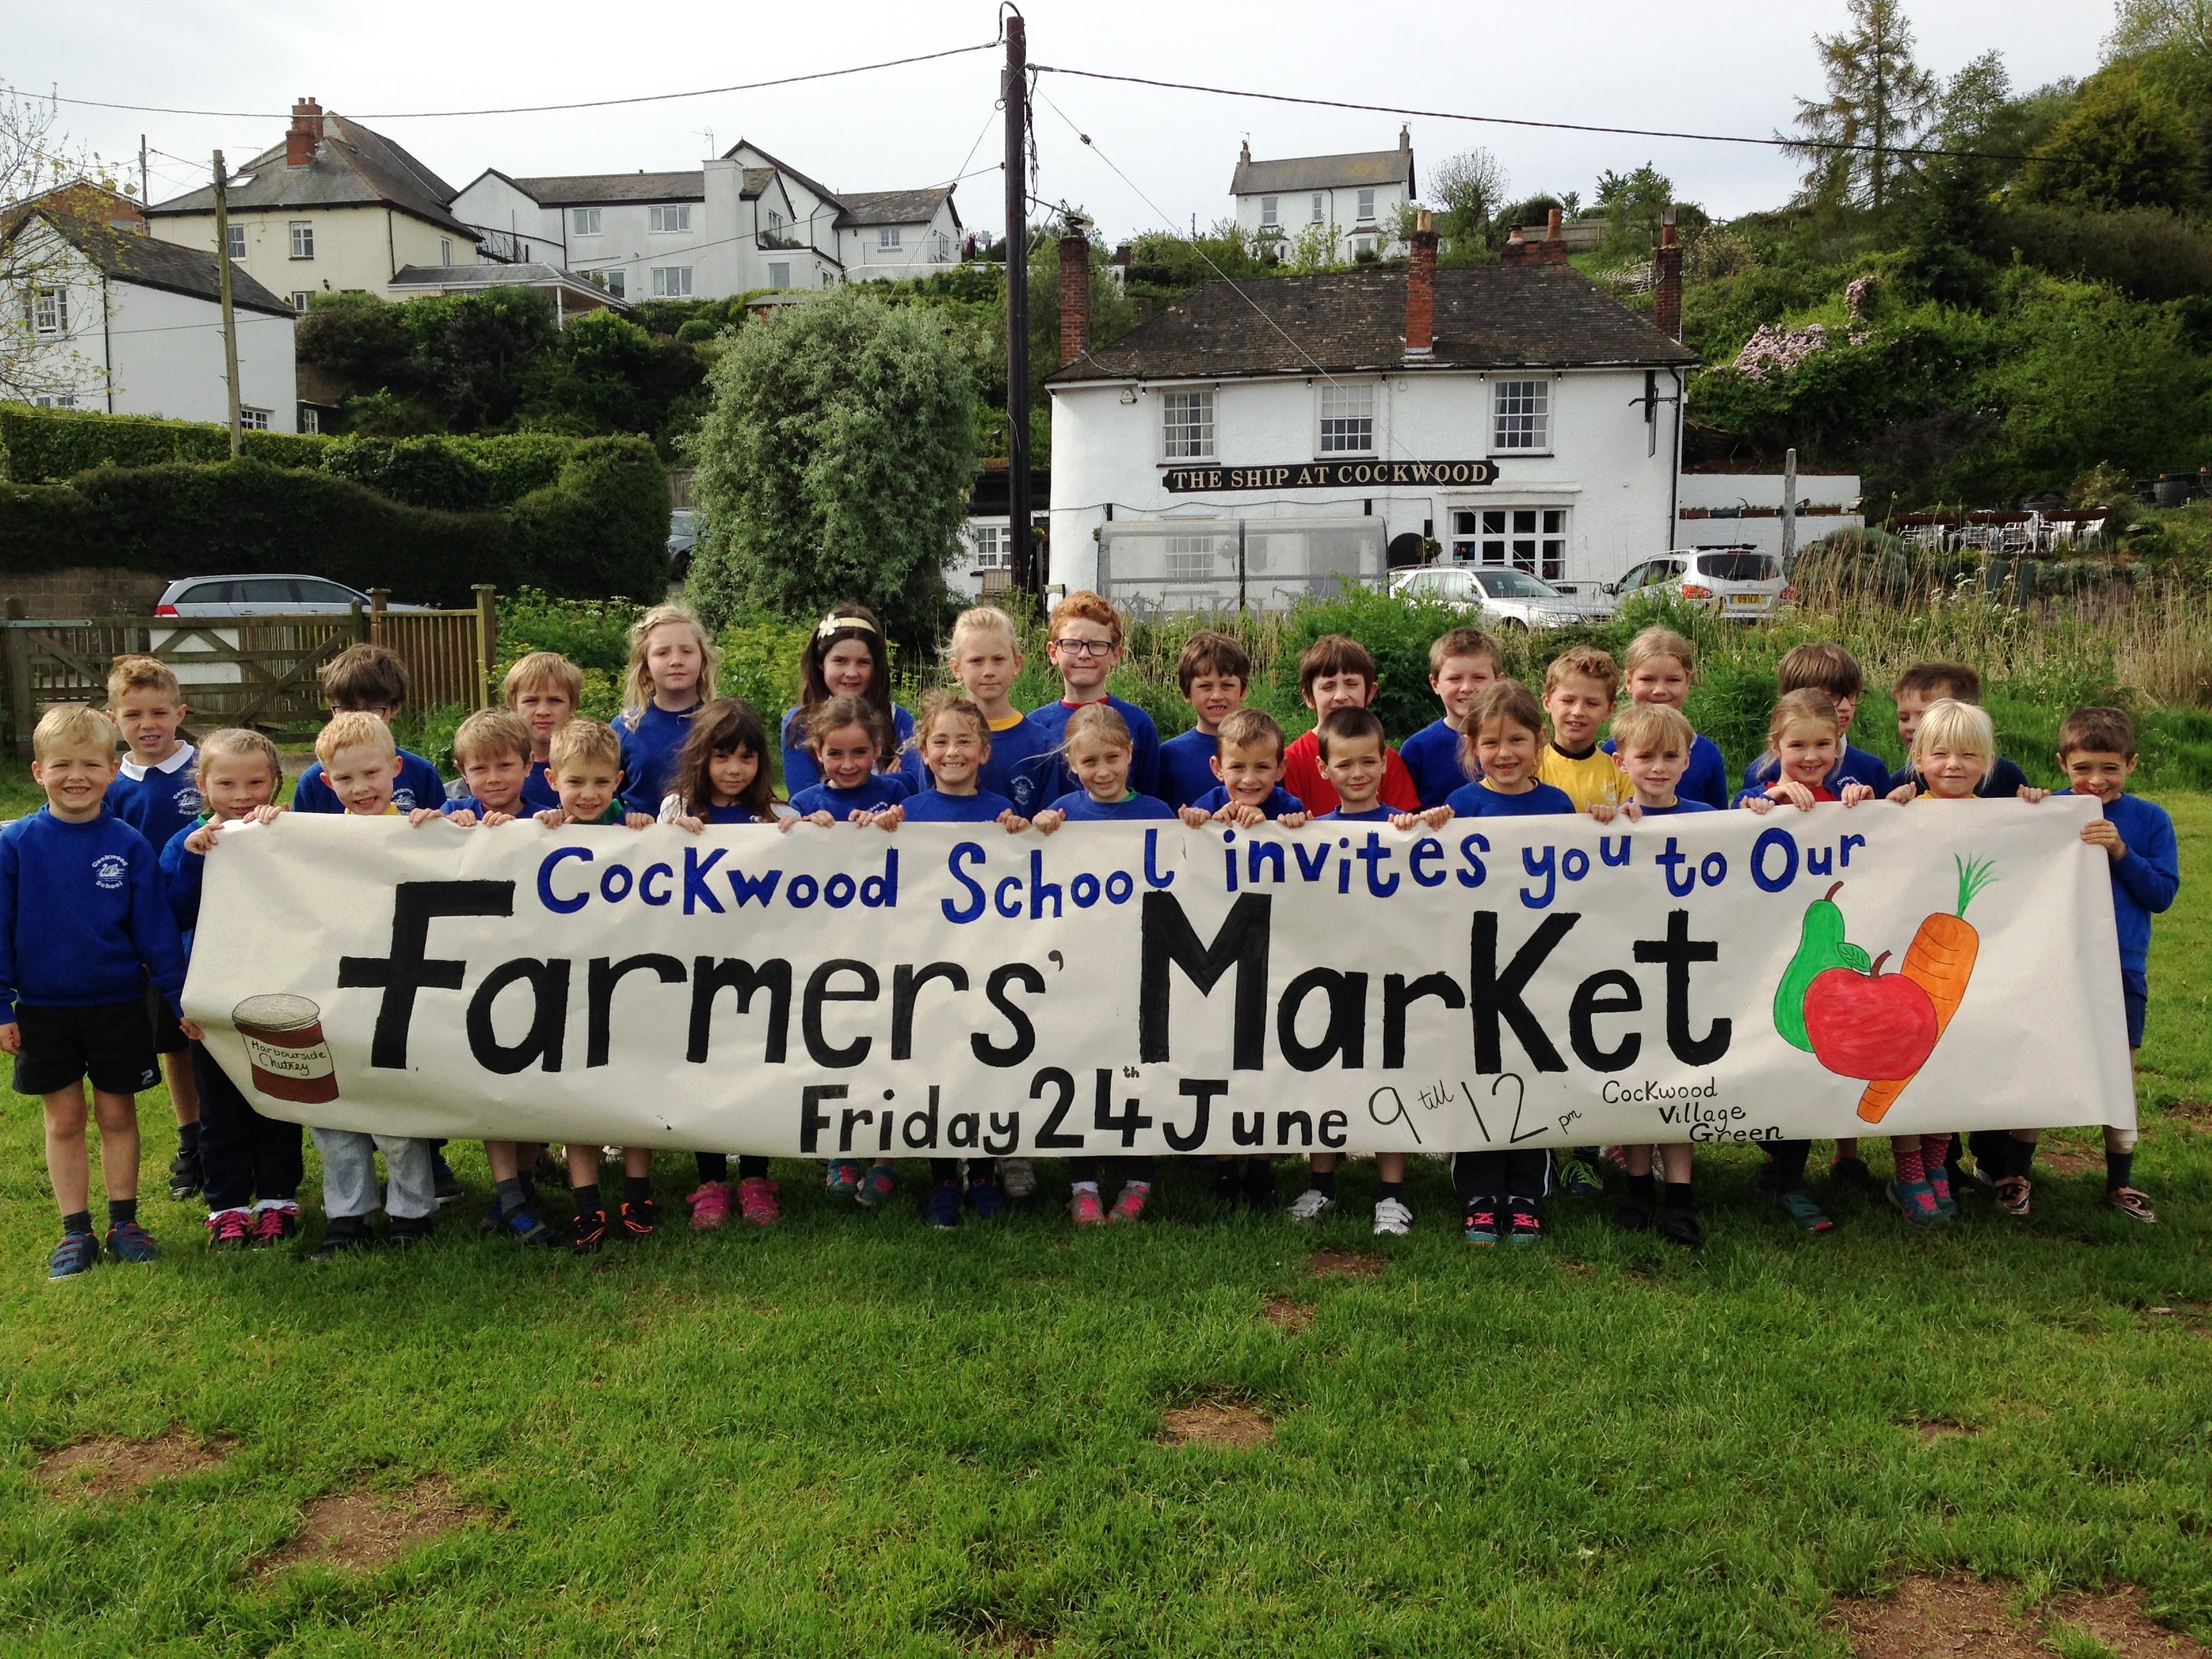 Cockwood School Farmers Market